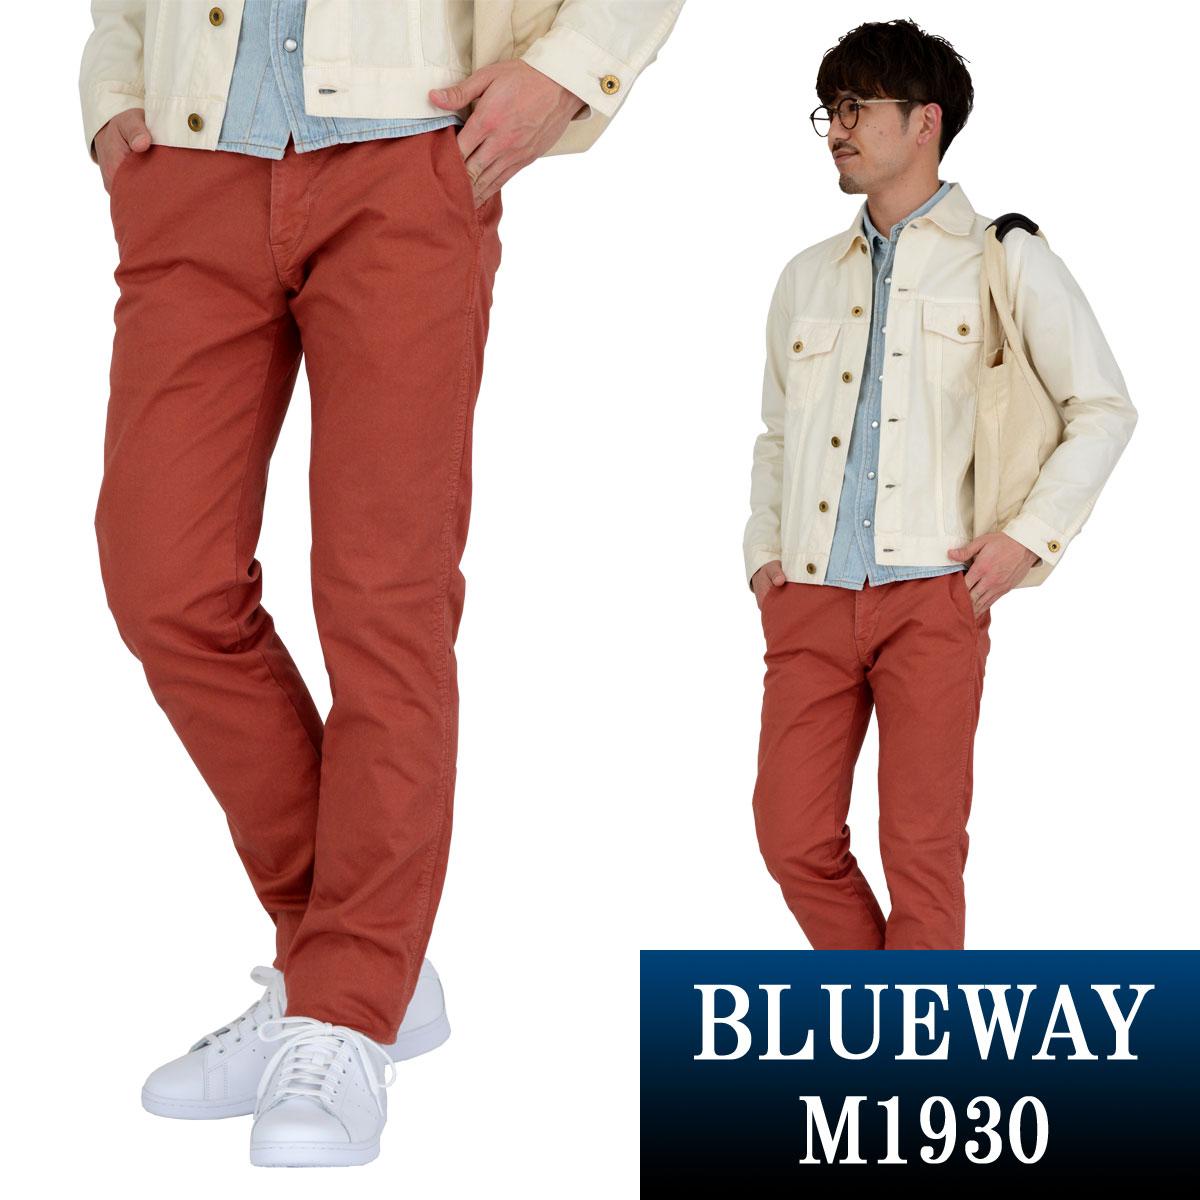 BLUEWAY:コーマストレッチサテン・トラウザーズ(ダークオレンジ):M1930-16 ブルーウェイ パンツ メンズ 裾上げ